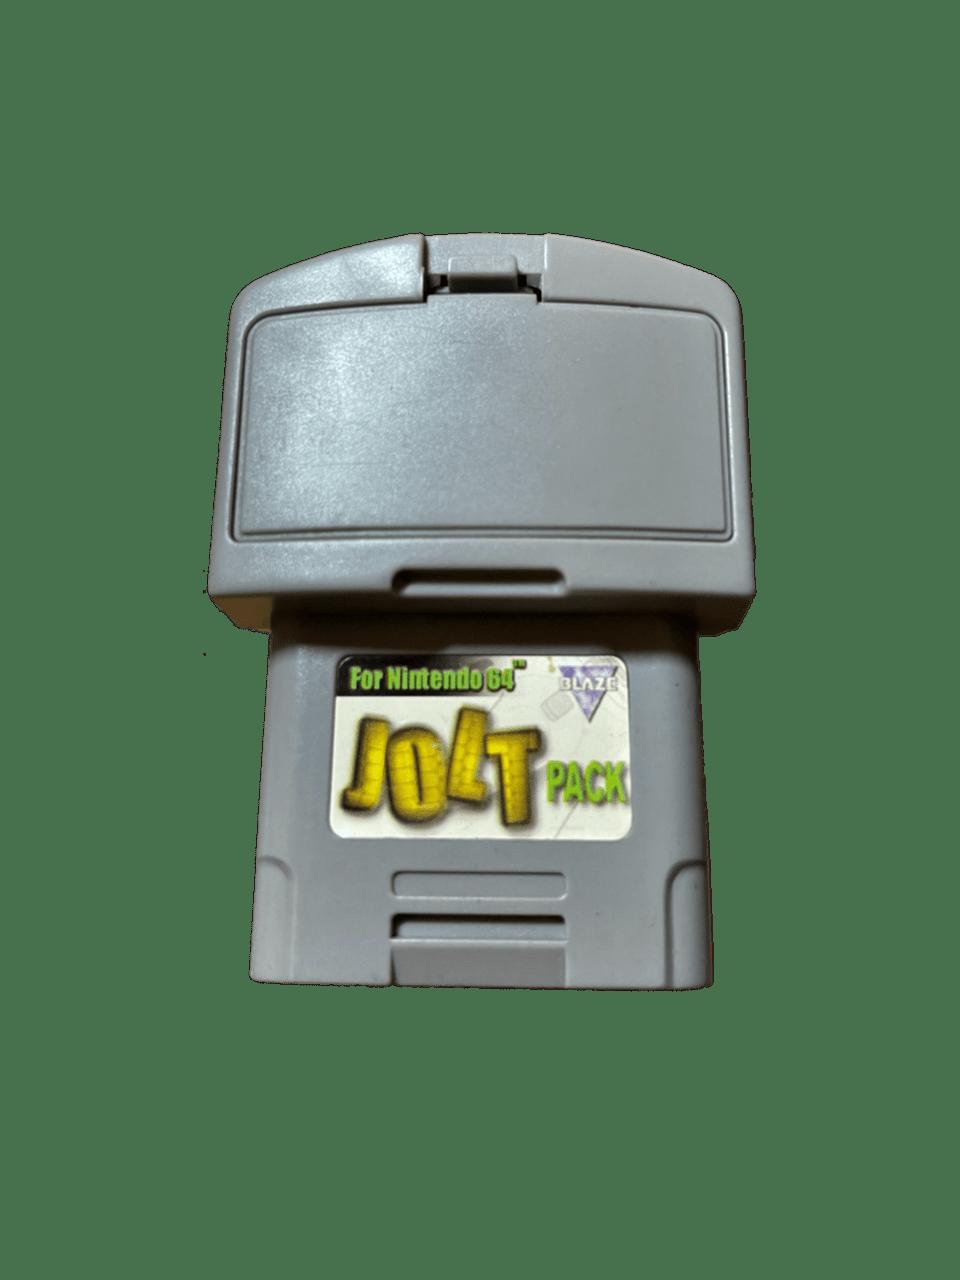 Blaze Jolt Pack for Nintendo 64